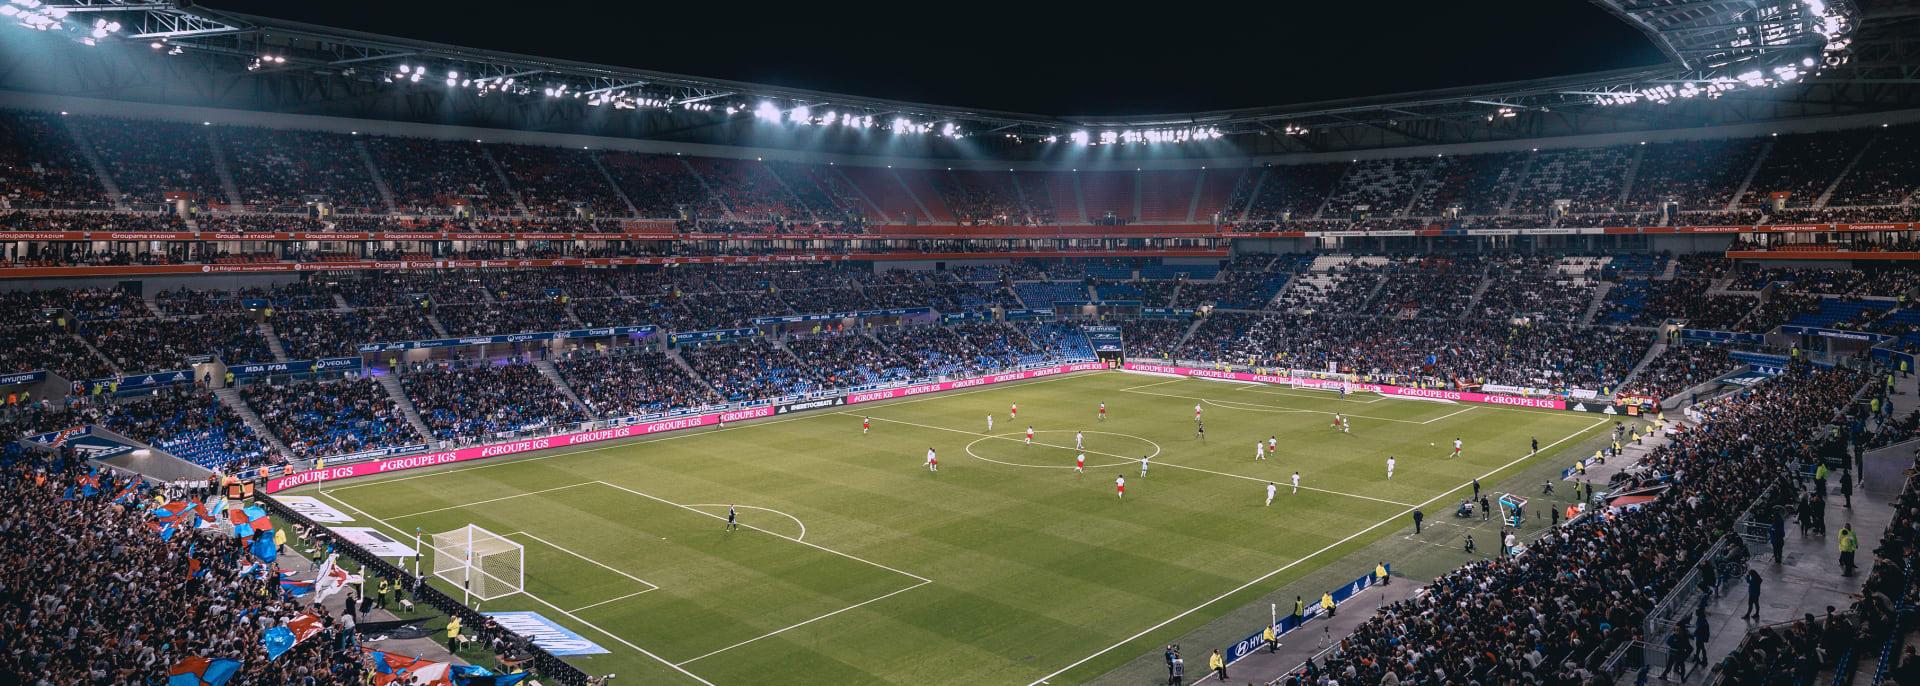 Schweizer-Nationalmannschaft, Fussball, Sport Live Reisen, Knecht Reisen